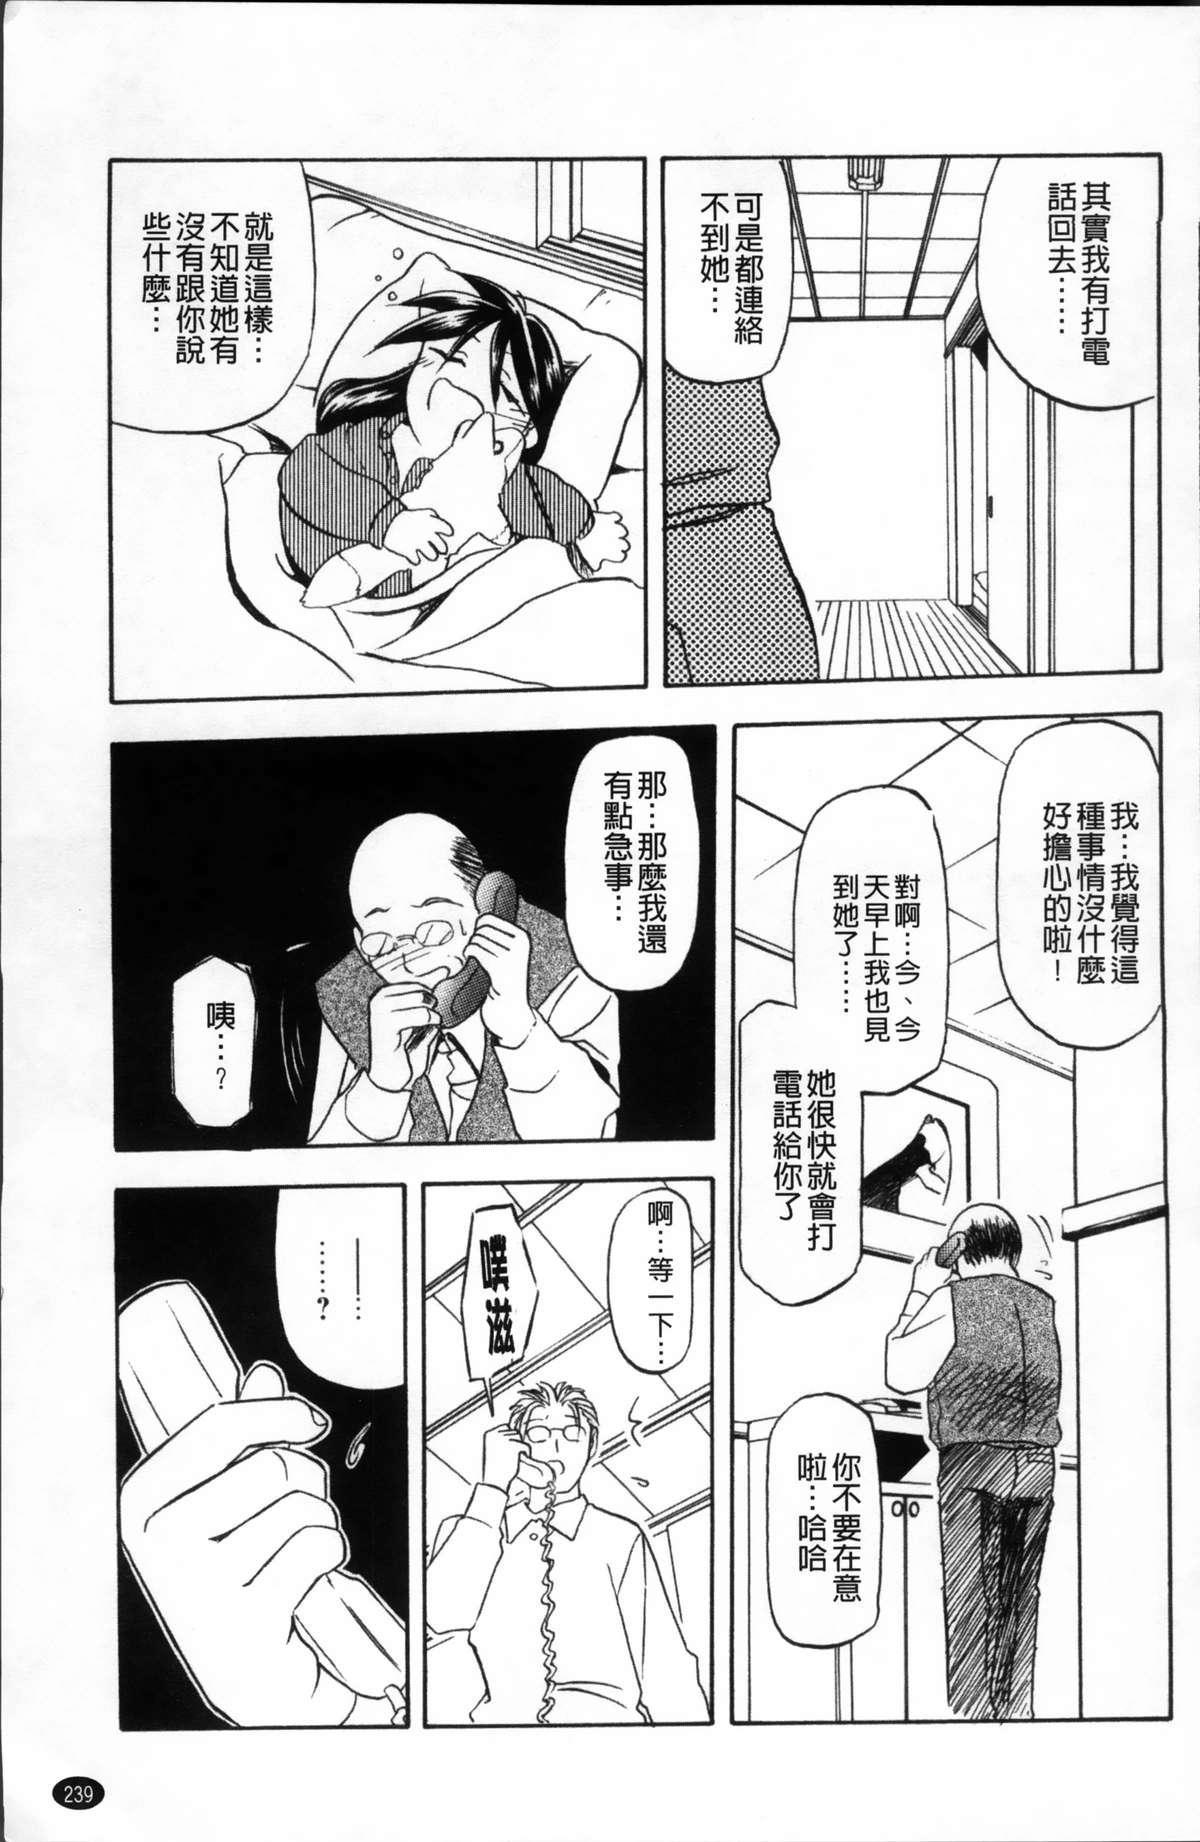 Hiiro no Koku Kanzenban   緋色之刻 完全版 242